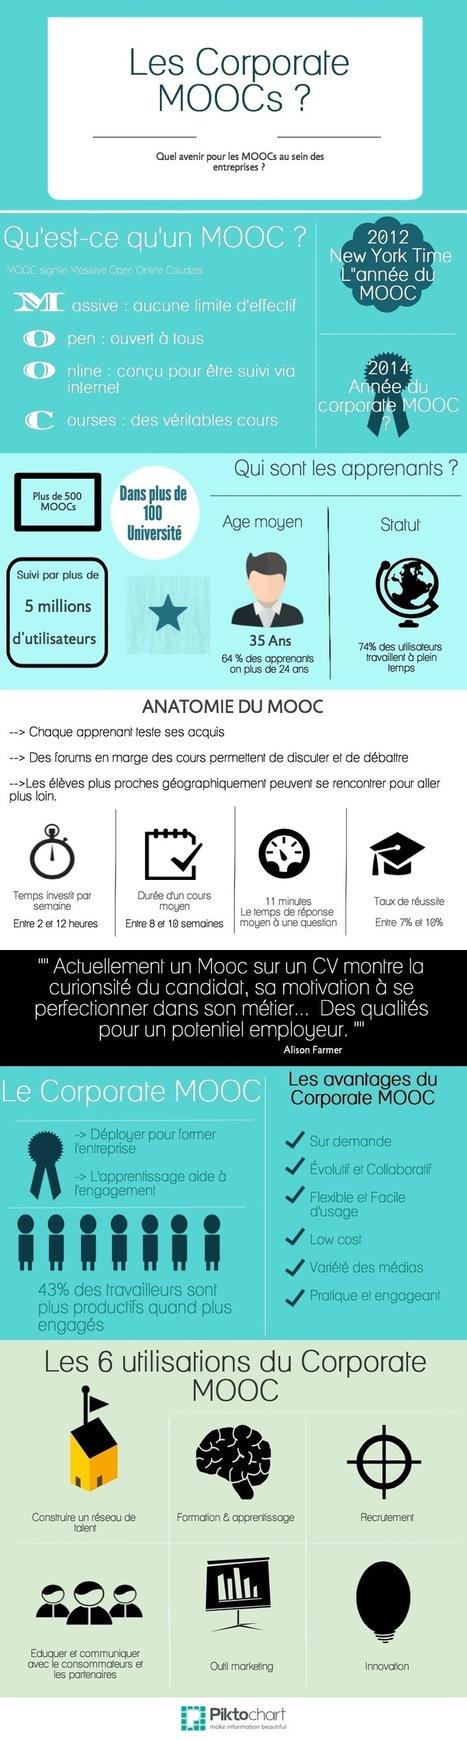 Les Corporate MOOCs: MOOC-moi comment faire | moocs | Scoop.it